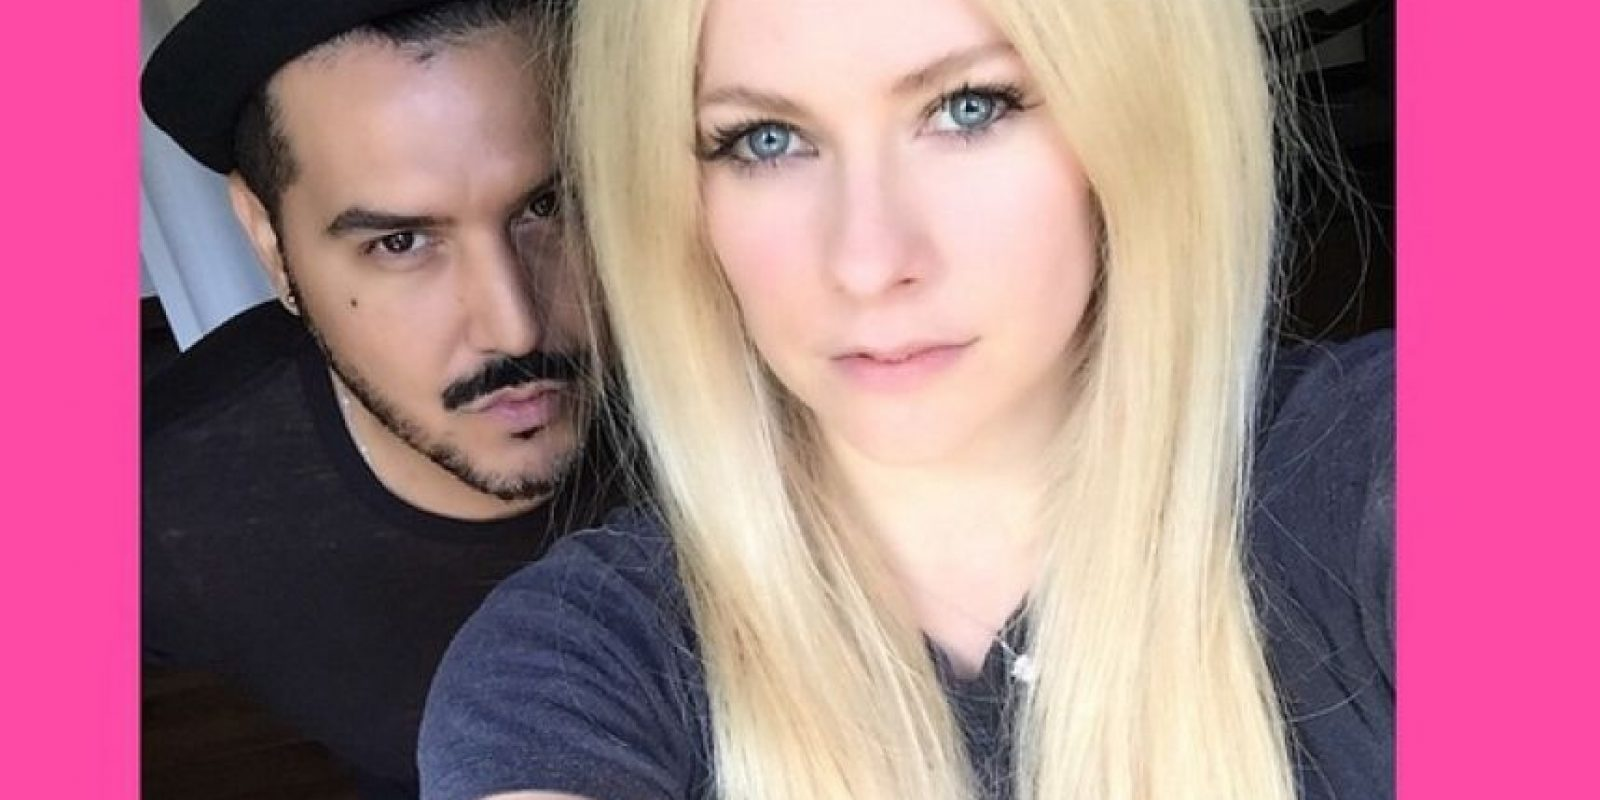 Foto:Avril Lavigne Instagram @avrillavigne